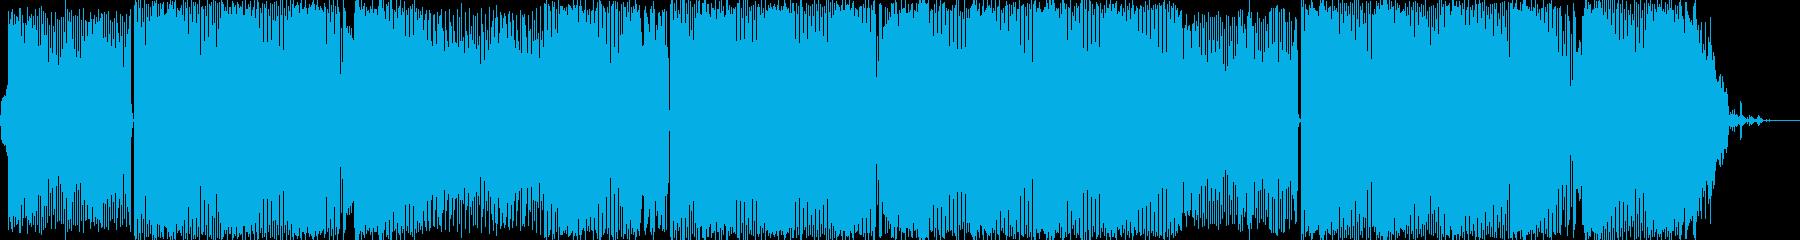 爽やかなBGMの再生済みの波形